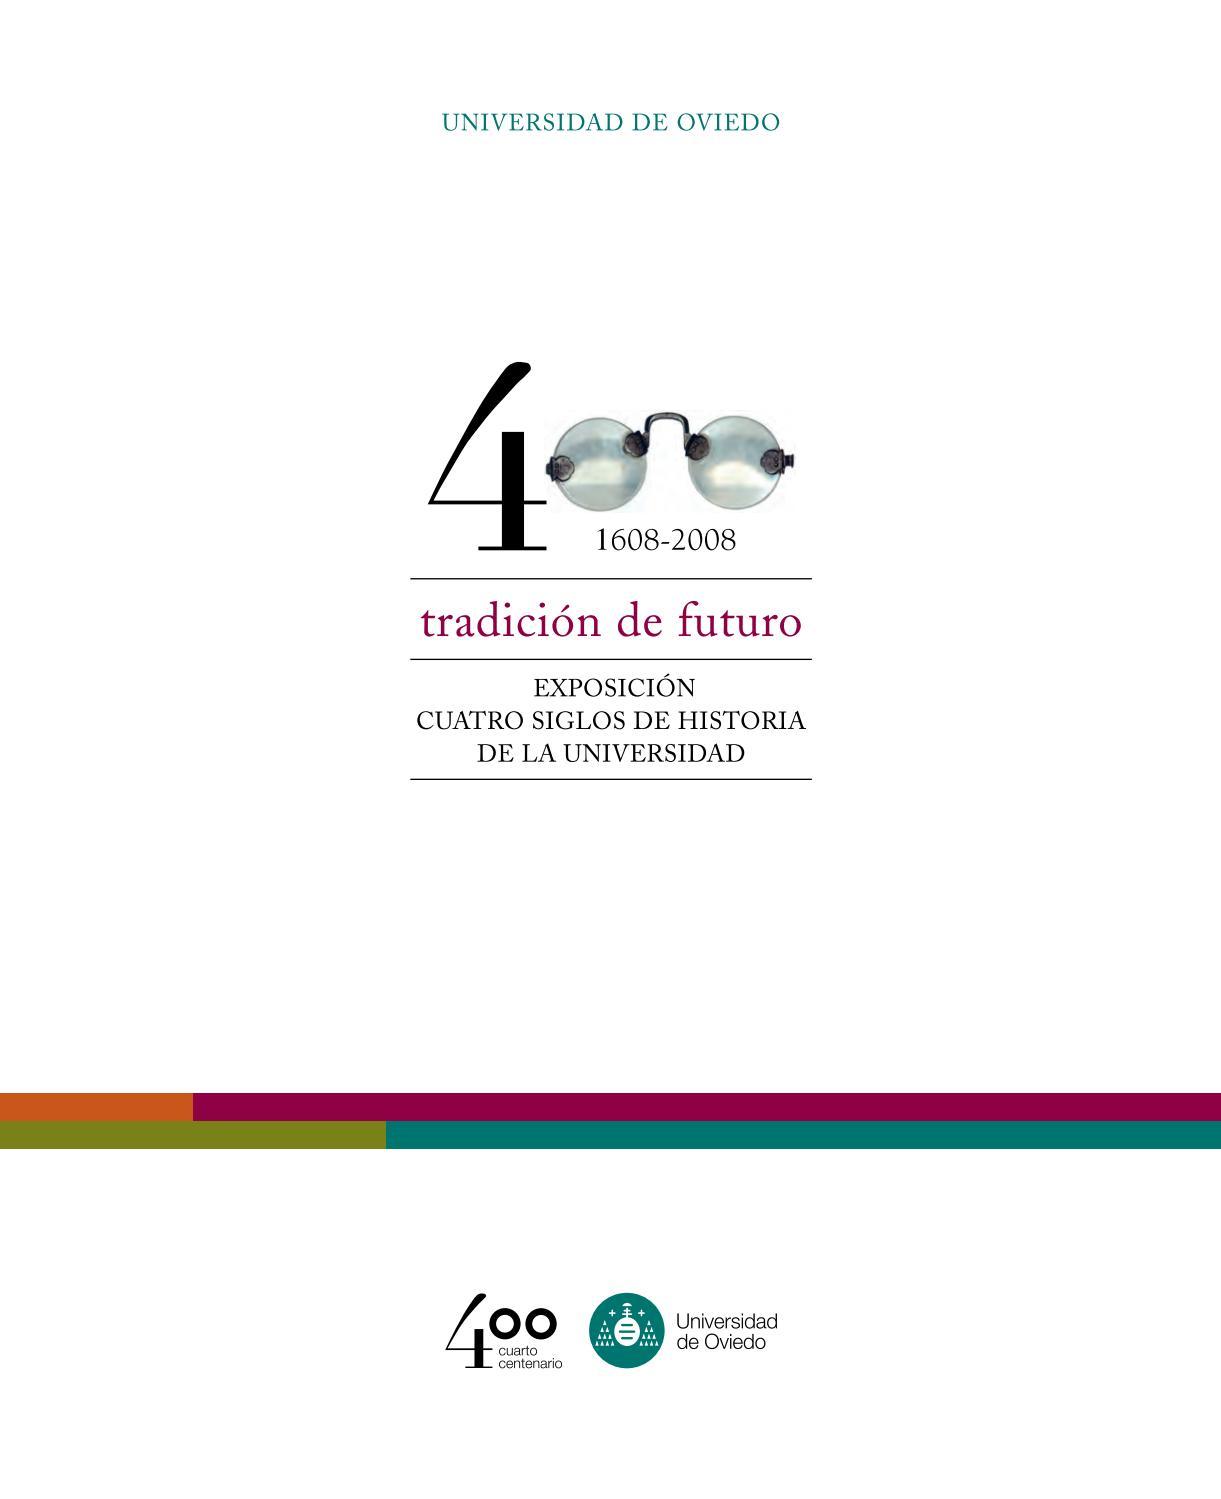 Universidad oviedo 400 años by Elías García Fuentes - issuu